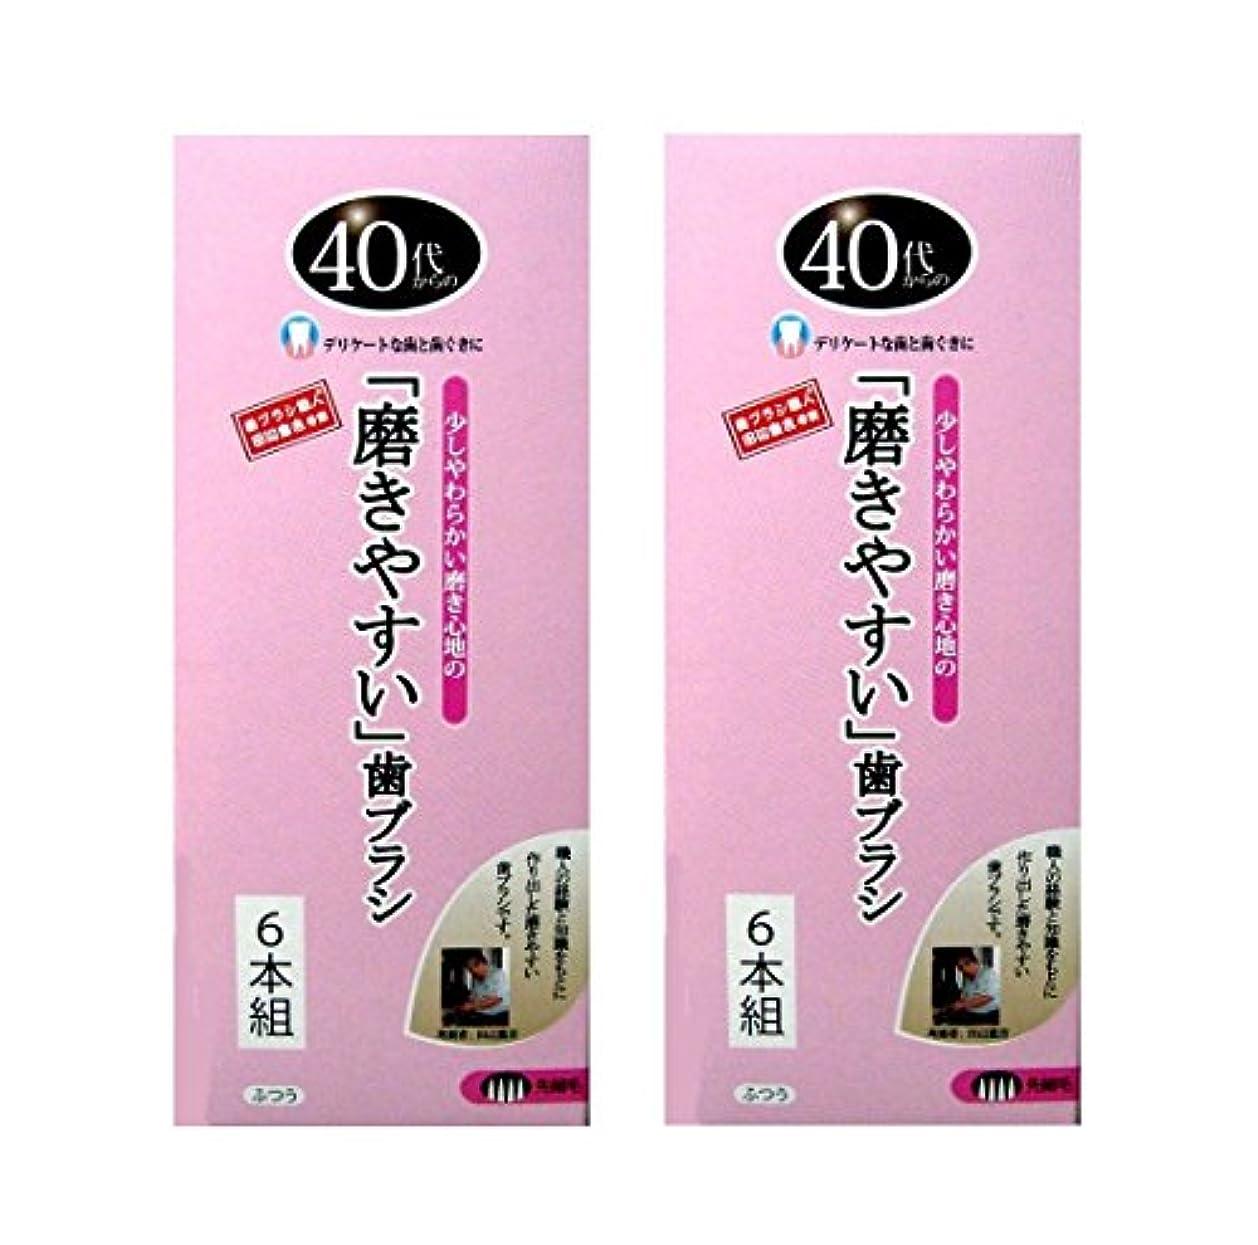 チチカカ湖ミスペンド人気の歯ブラシ職人 田辺重吉考案 40代からの磨きやすい歯ブラシ 先細 6本組×2個セット